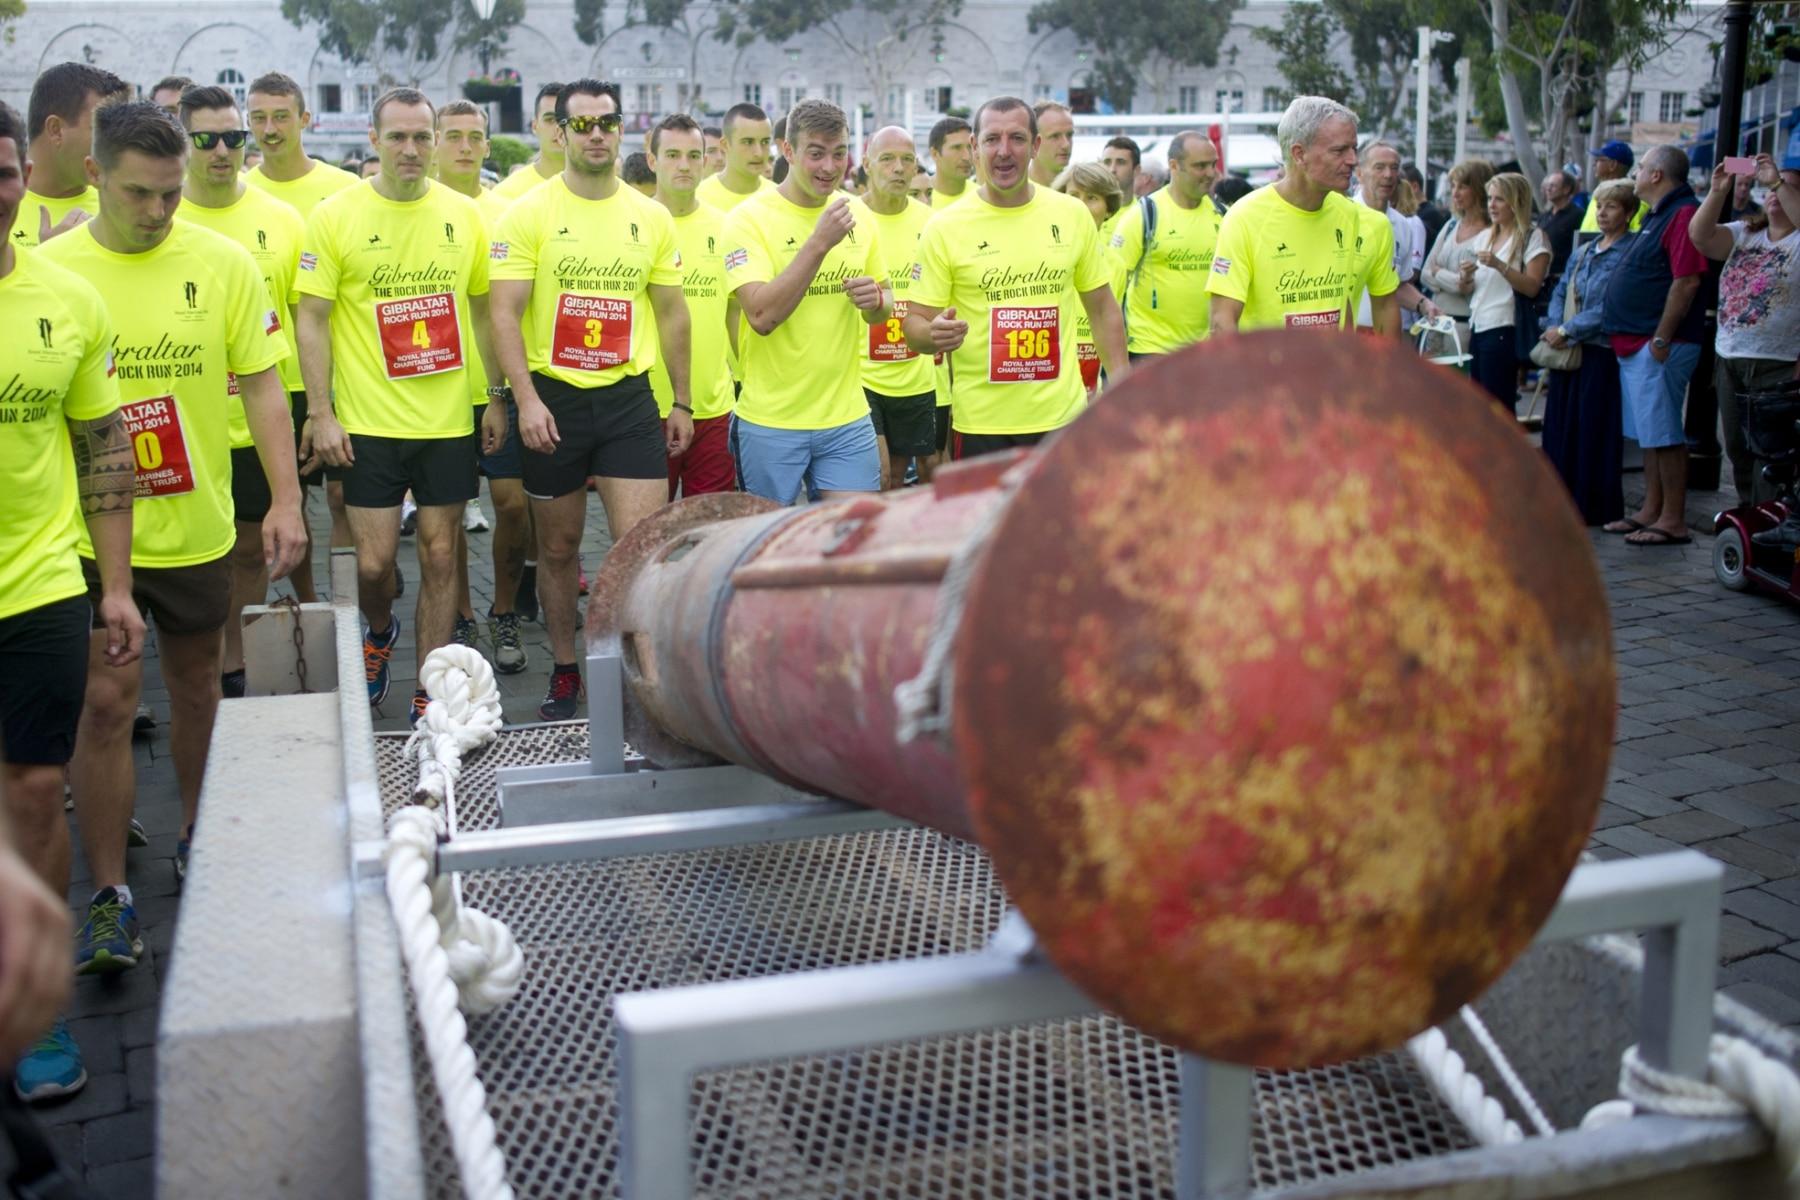 henry-cavill-en-la-carrera-del-350-aniversario-de-los-royal-marines-en-gibraltar-25-octubre-201415_15438164710_o